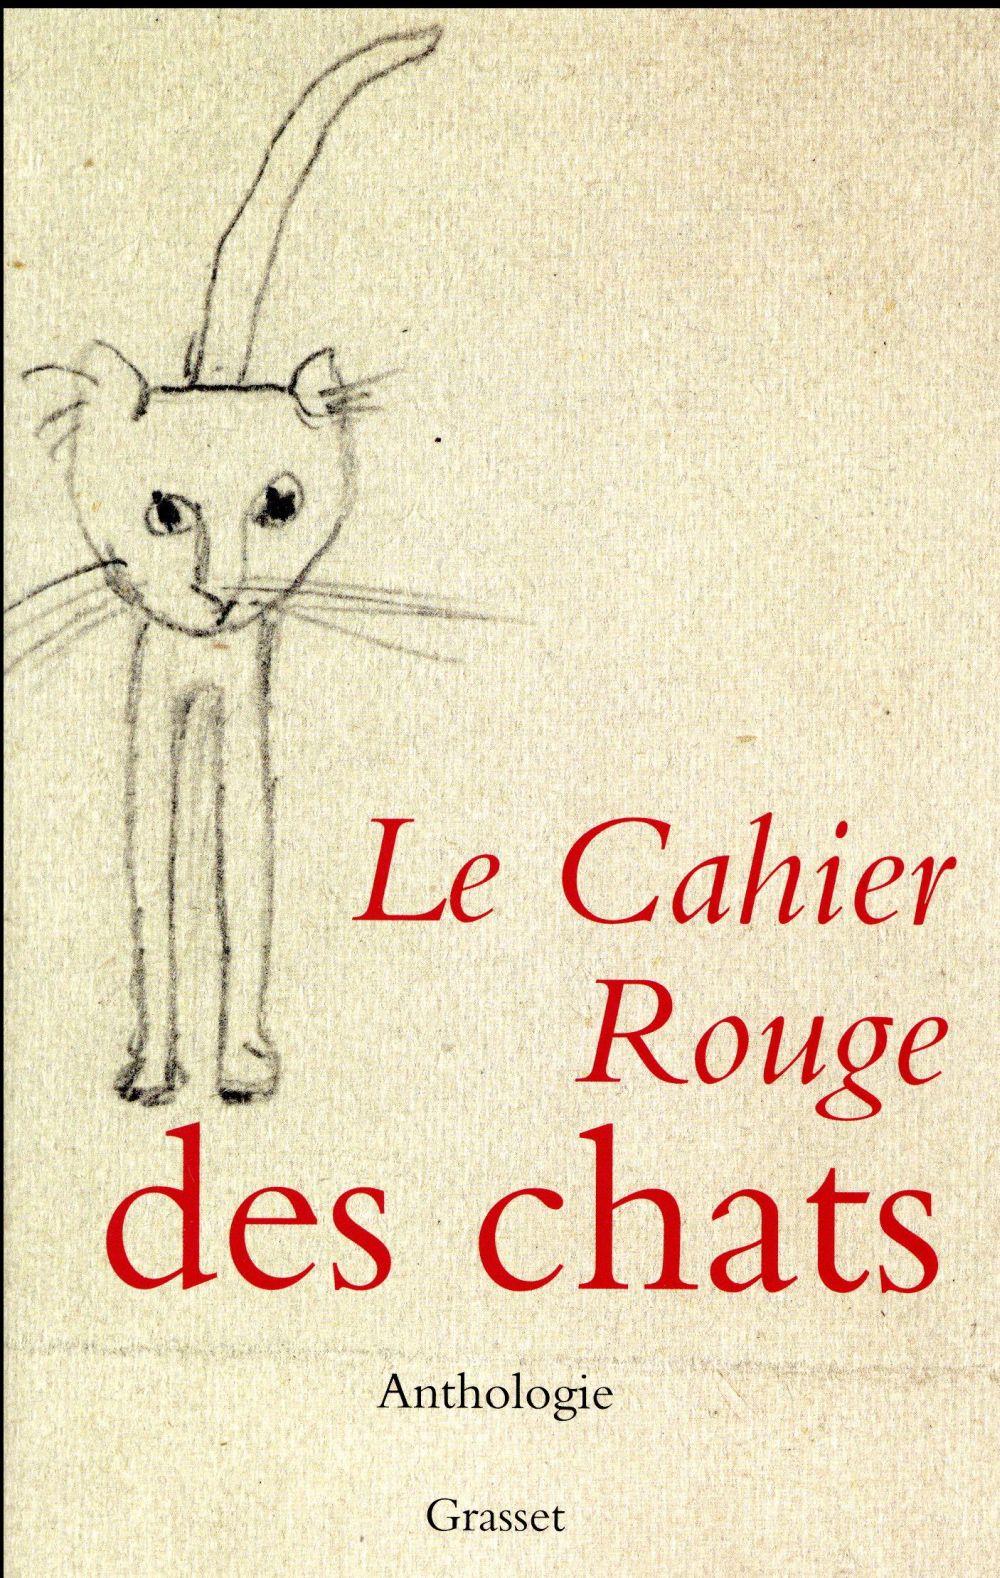 Le cahier rouge des chats